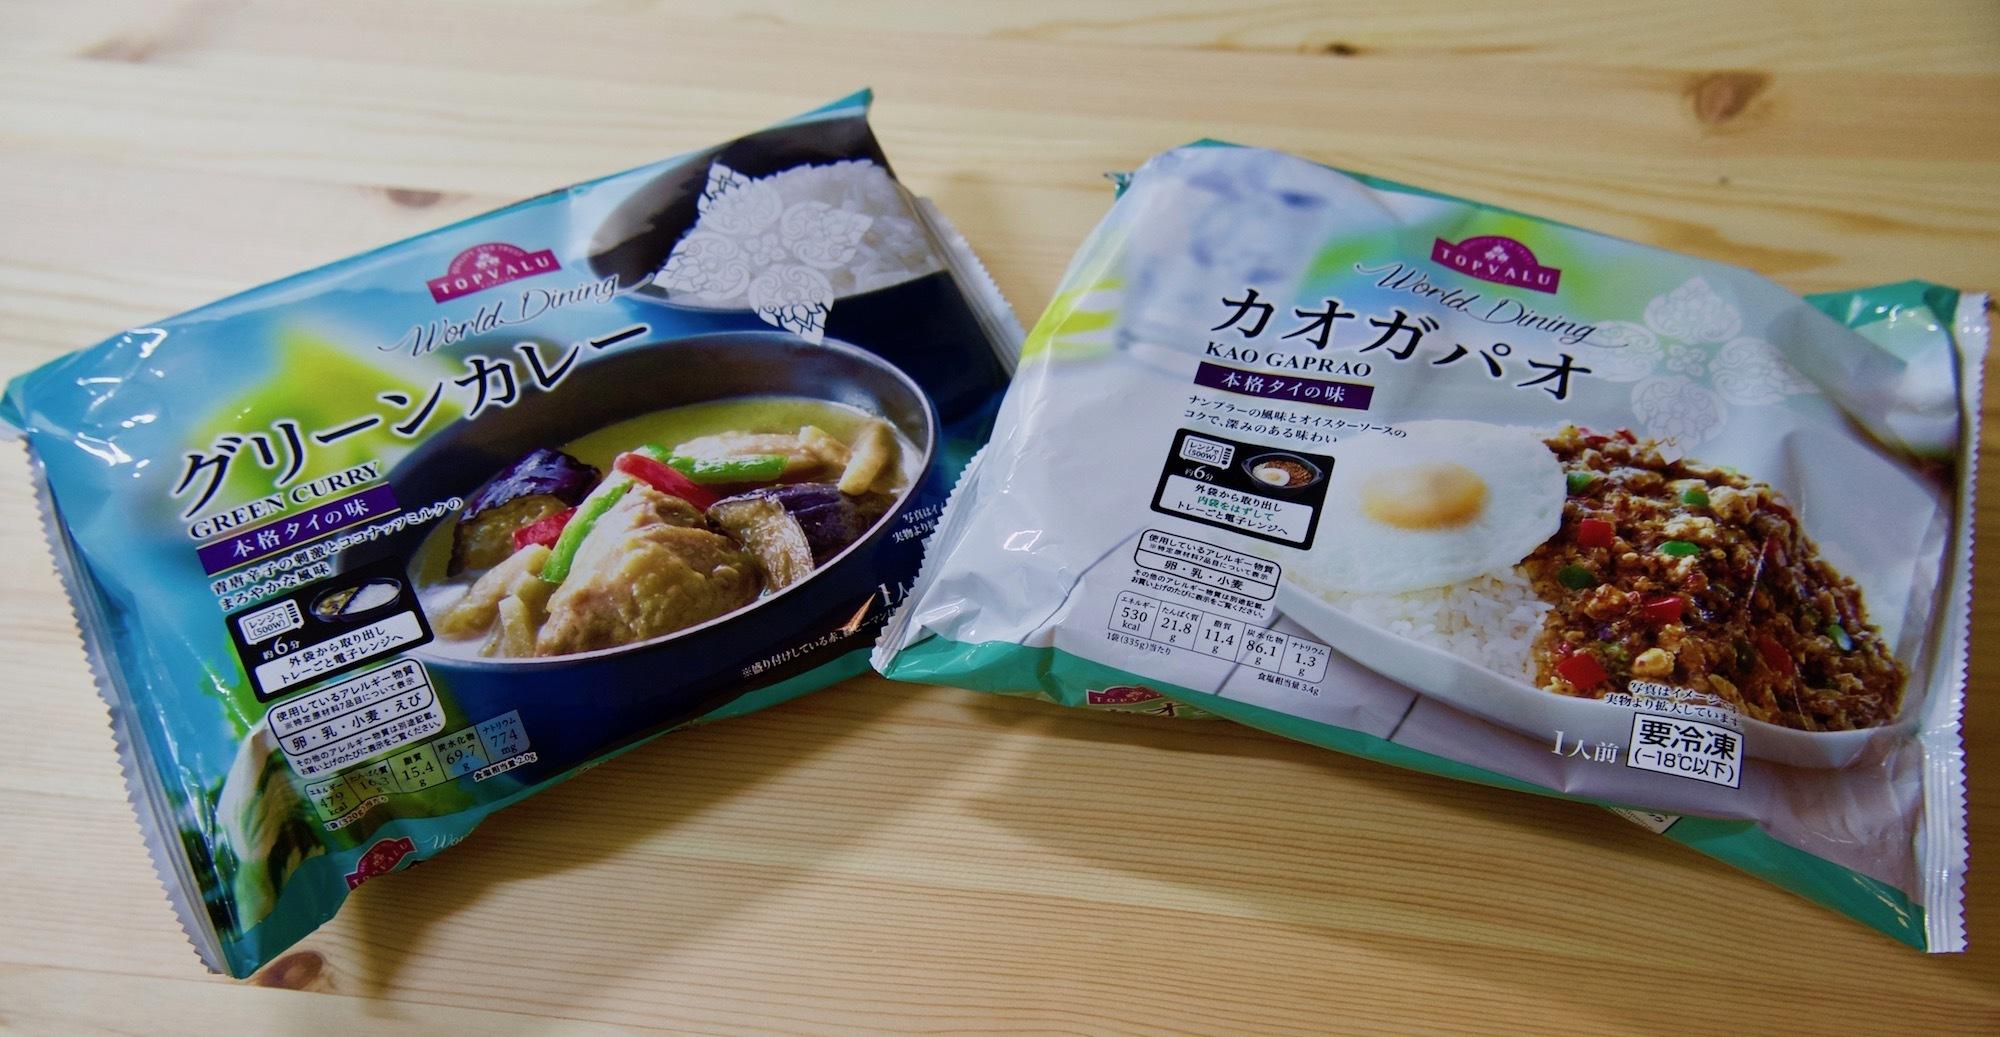 イオンで売ってる冷凍タイ料理は予想外の本格派!『カオガパオ』と『グリーンカレー』を食べてみた。